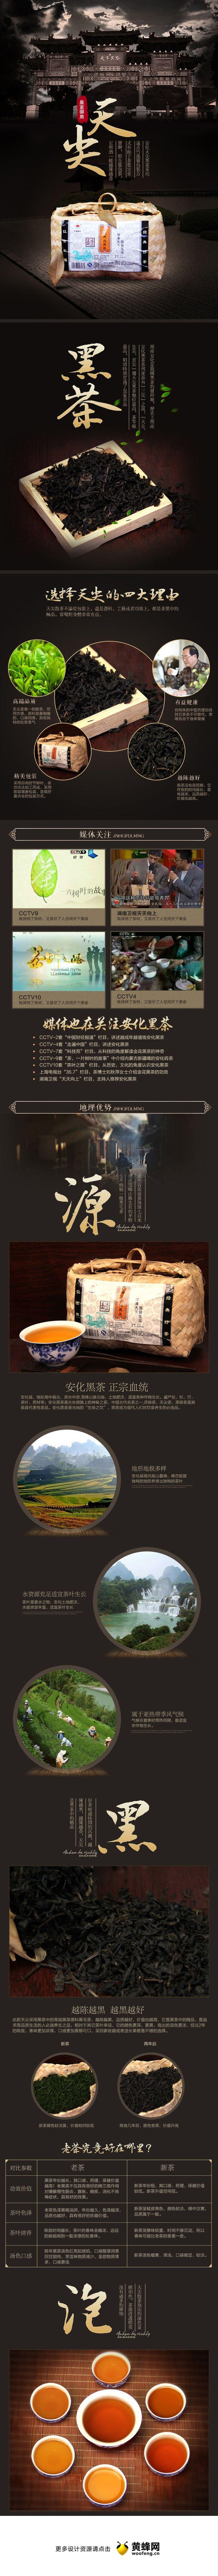 天尖黑茶产品详情页设计